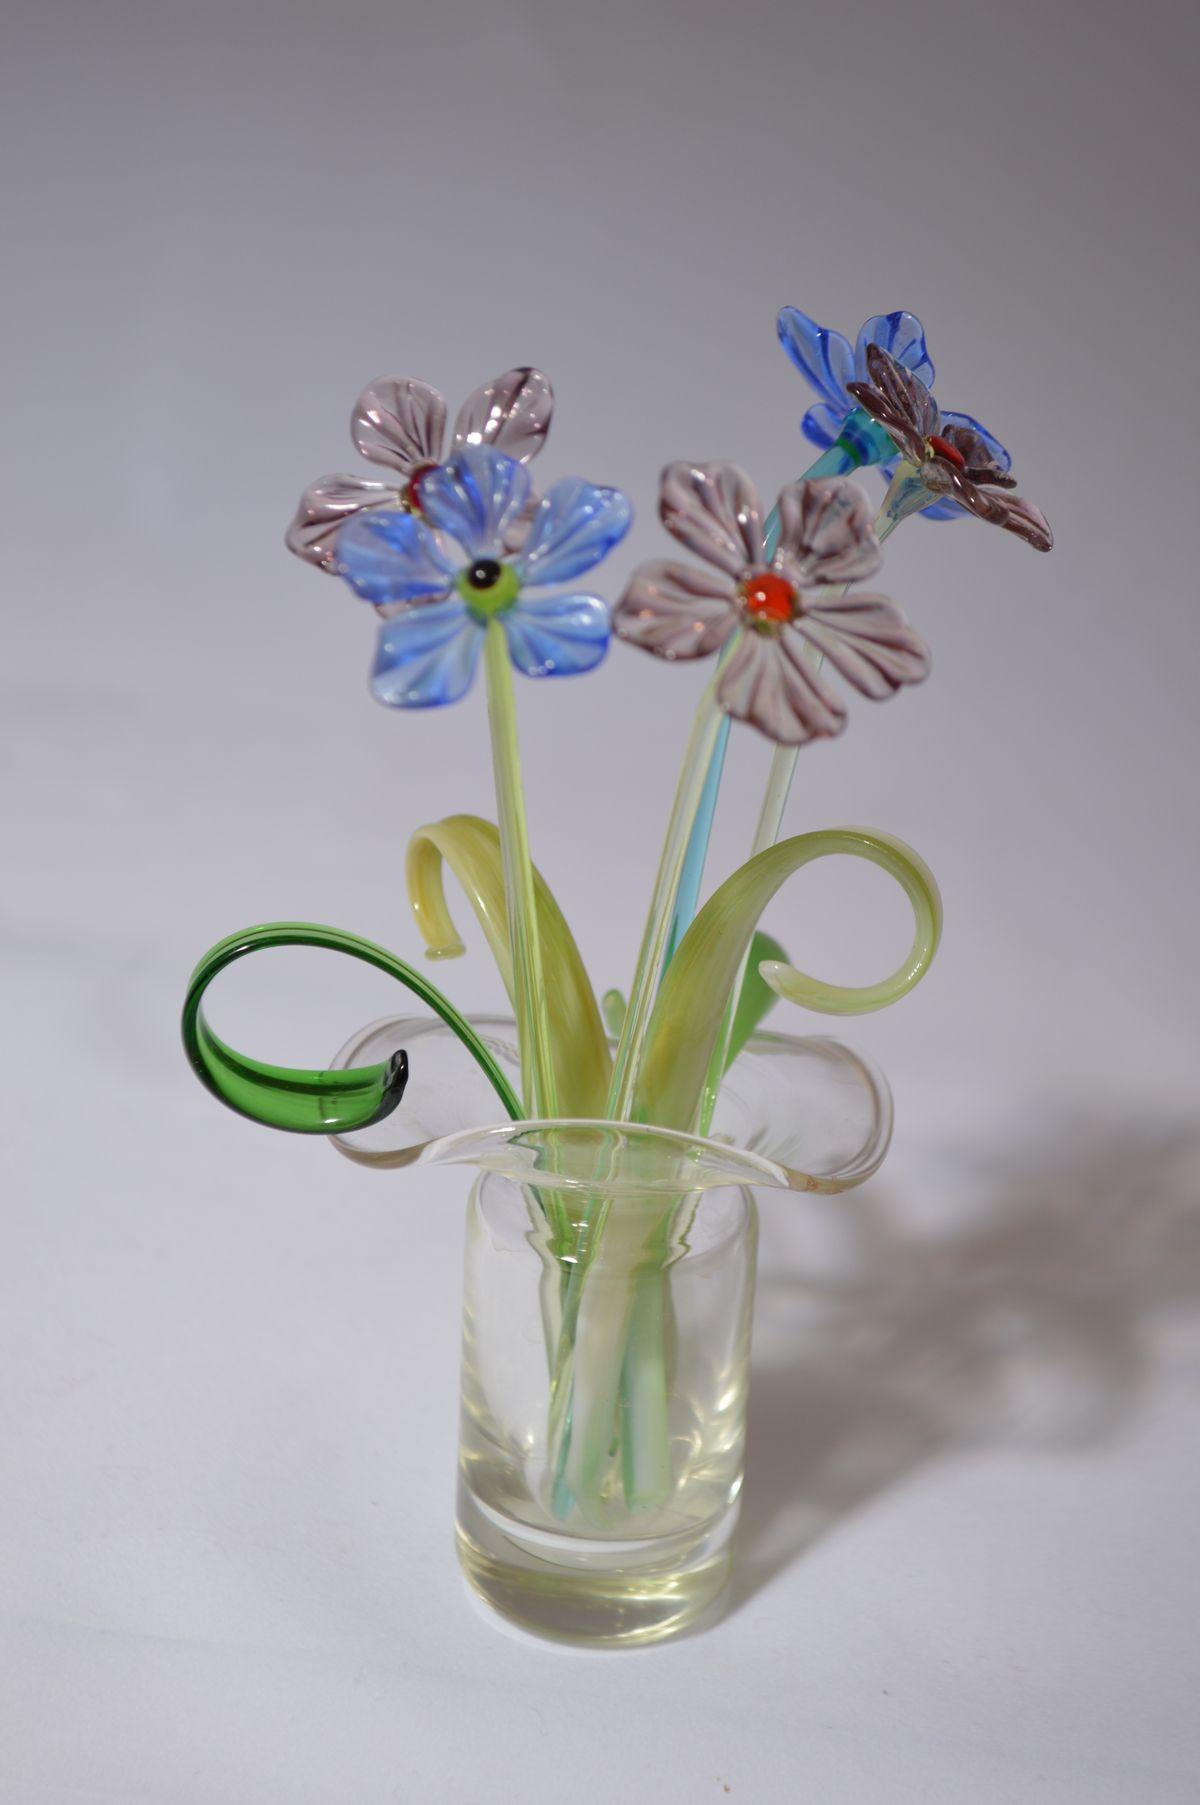 Букет из двух синих и трех сиреневых цветков в вазочке, цветное стекло от Ravta